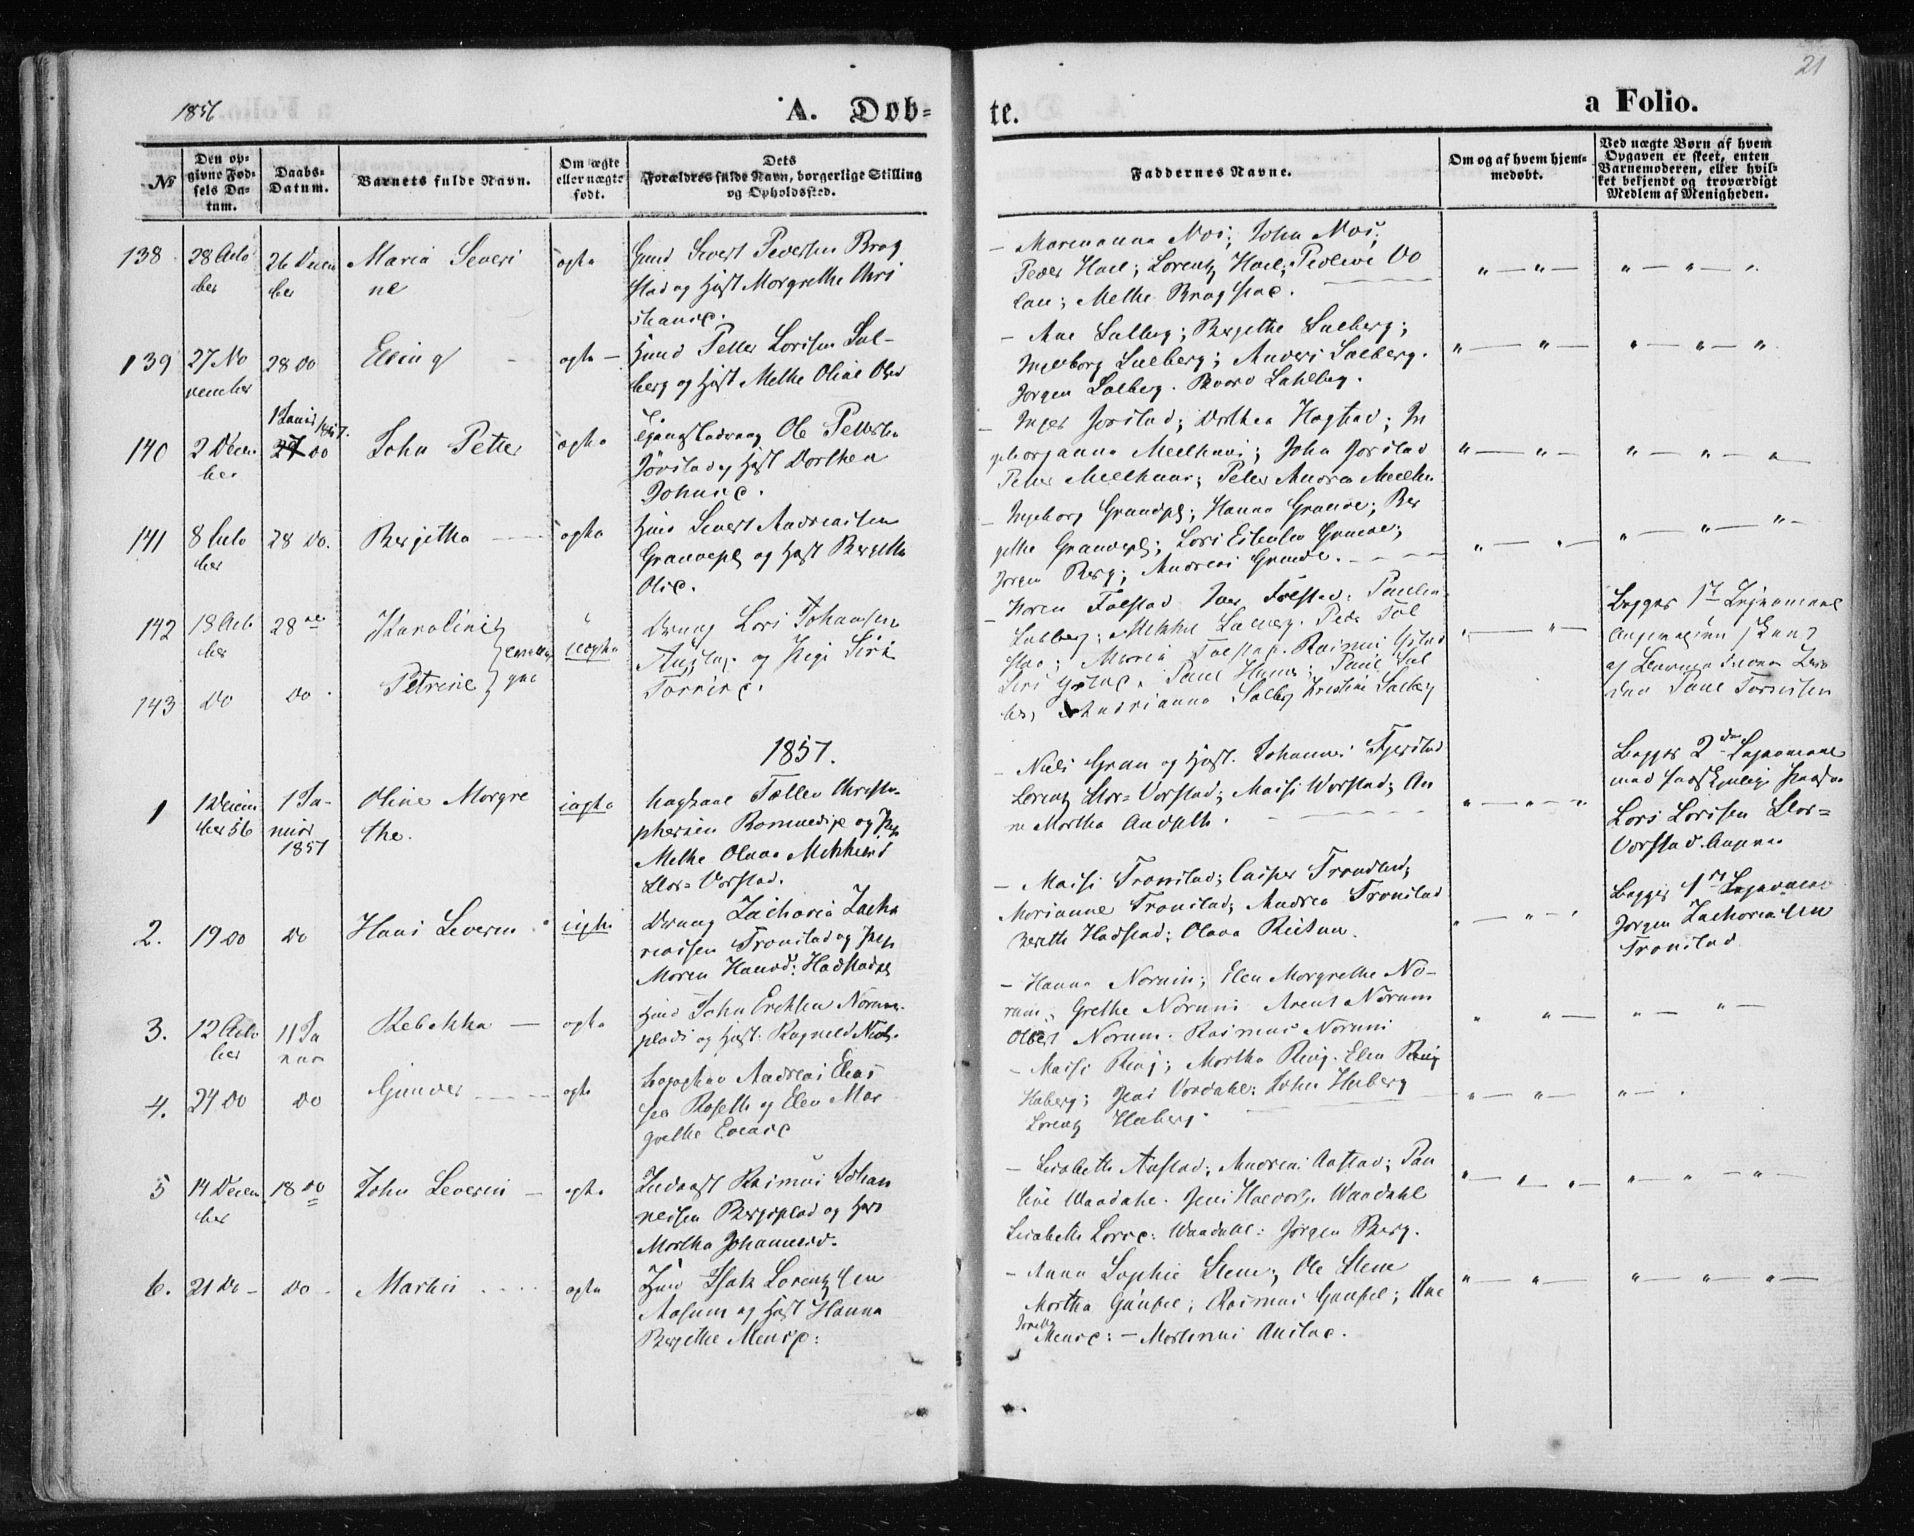 SAT, Ministerialprotokoller, klokkerbøker og fødselsregistre - Nord-Trøndelag, 730/L0283: Ministerialbok nr. 730A08, 1855-1865, s. 21